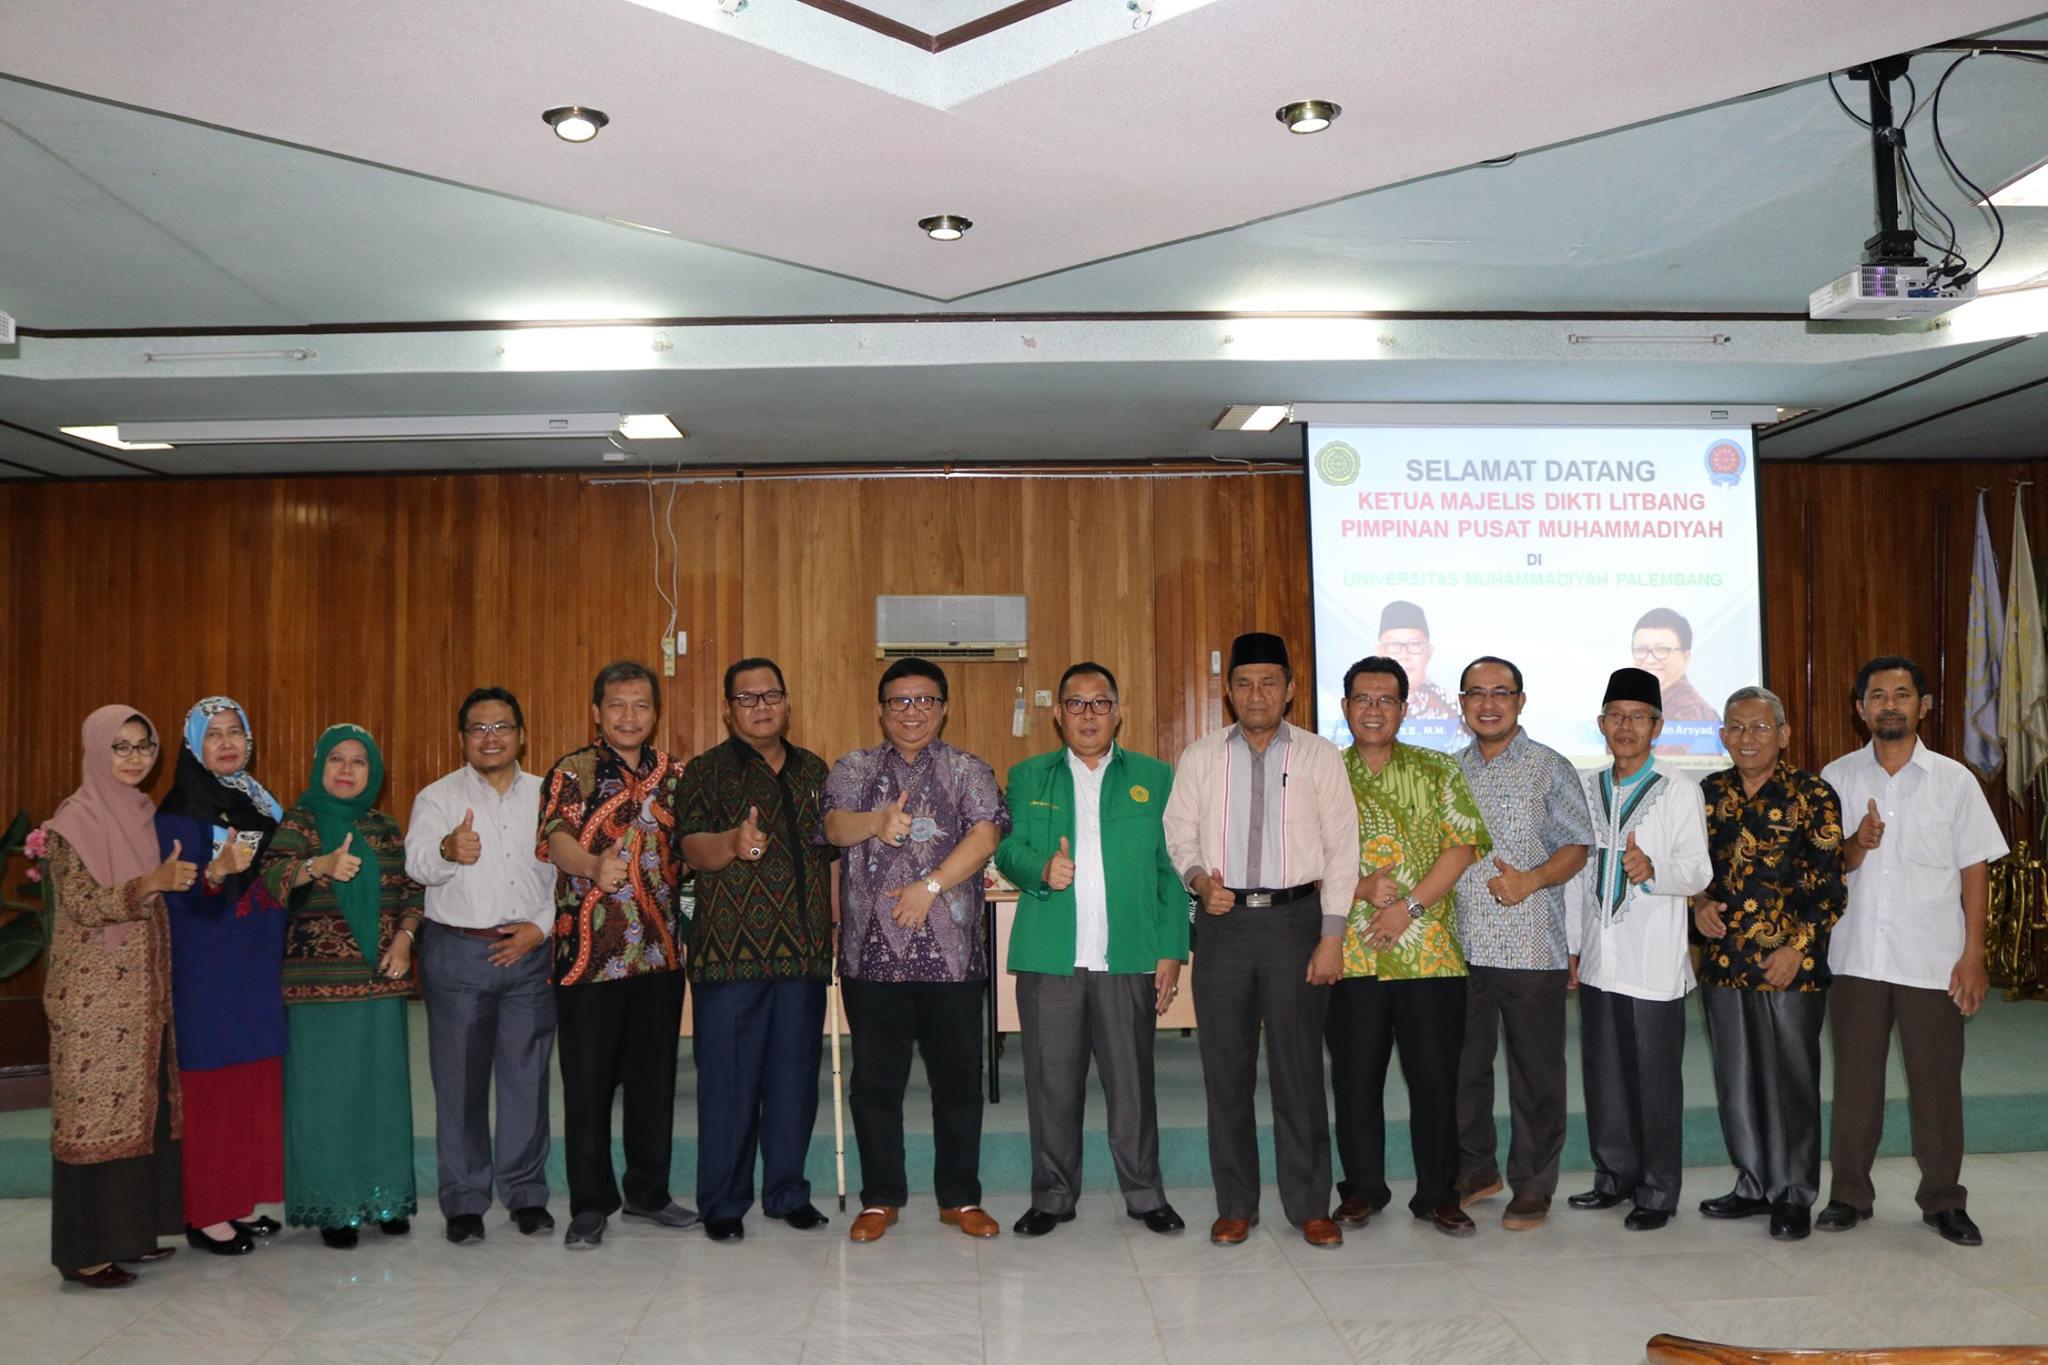 foto bersama umpalembang (universitas muhammadiyah palembang)